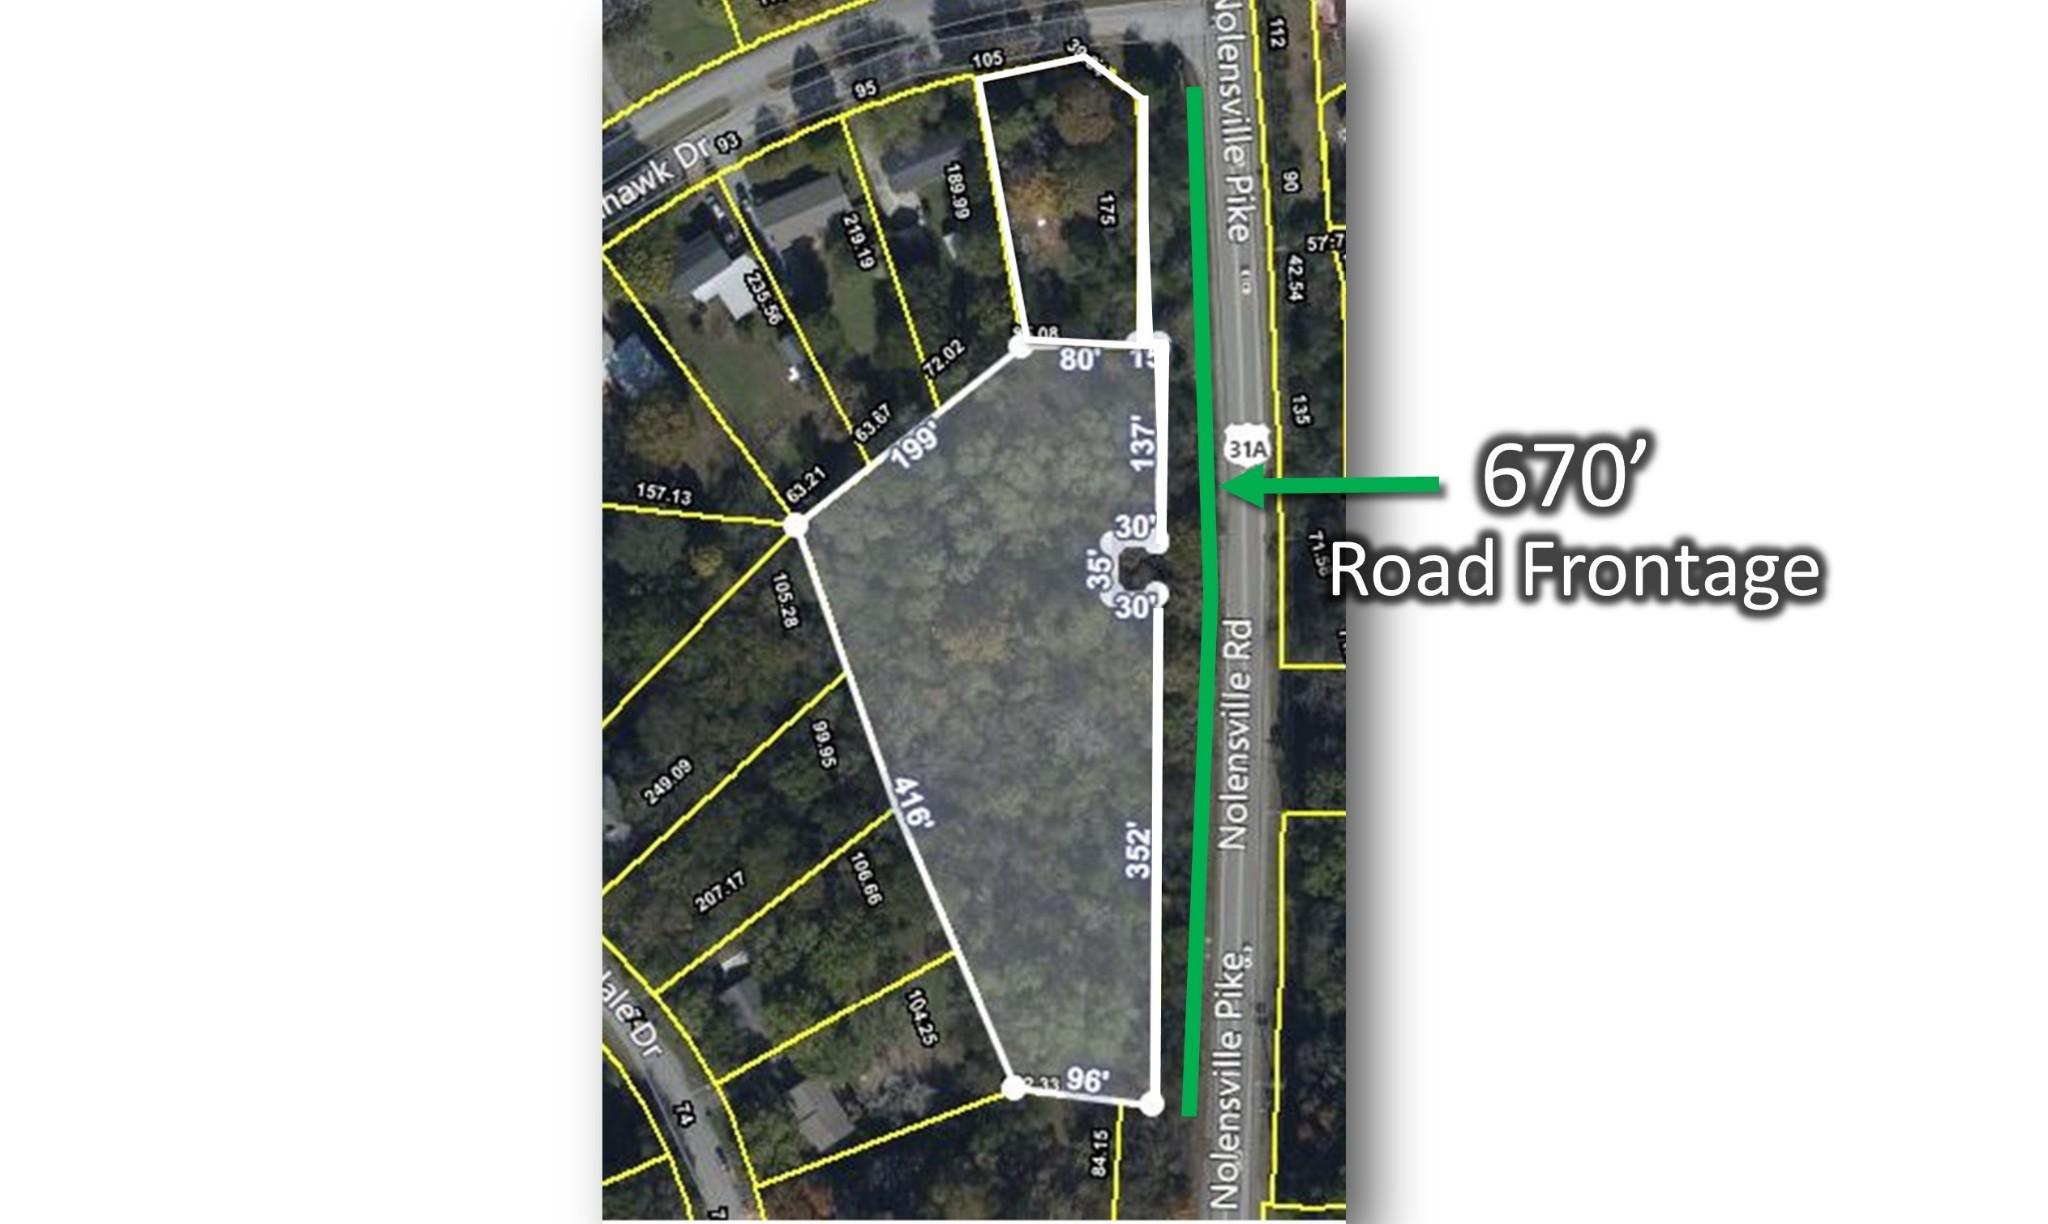 401 Kinhawk Dr Property Photo - Nashville, TN real estate listing